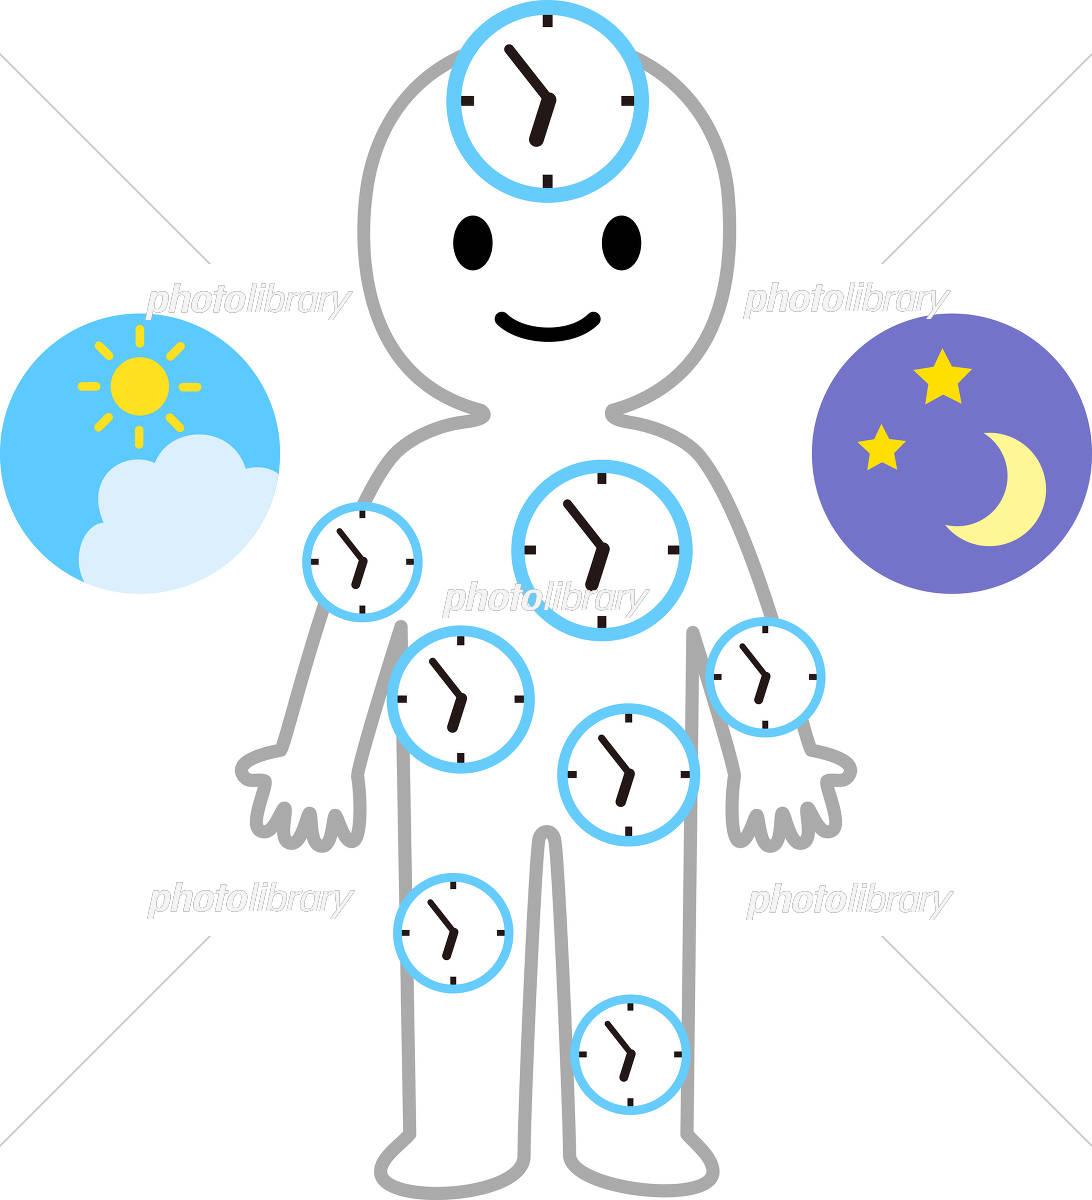 人間の体内時計のイメージ イラスト素材 [ 5822798 ] - フォトライブ ...